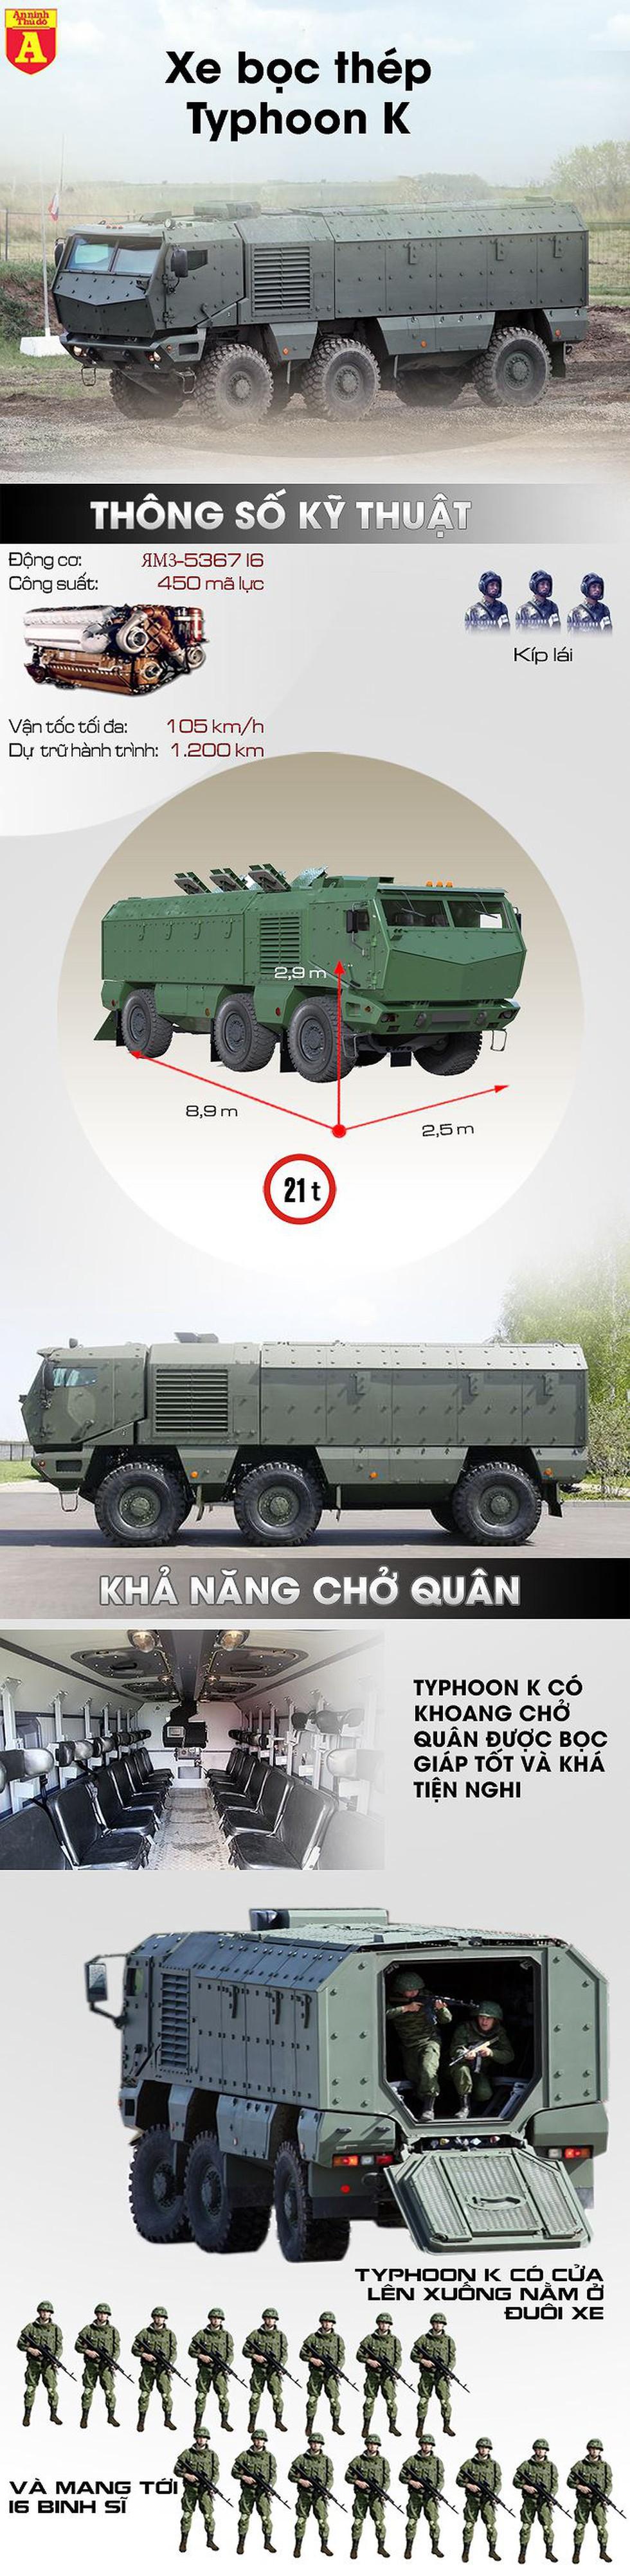 """[Infographics] Nga chưa kịp biên chế """"quái thú"""" Typhoon-K đã bị Trung Quốc sao chép - Ảnh 1"""